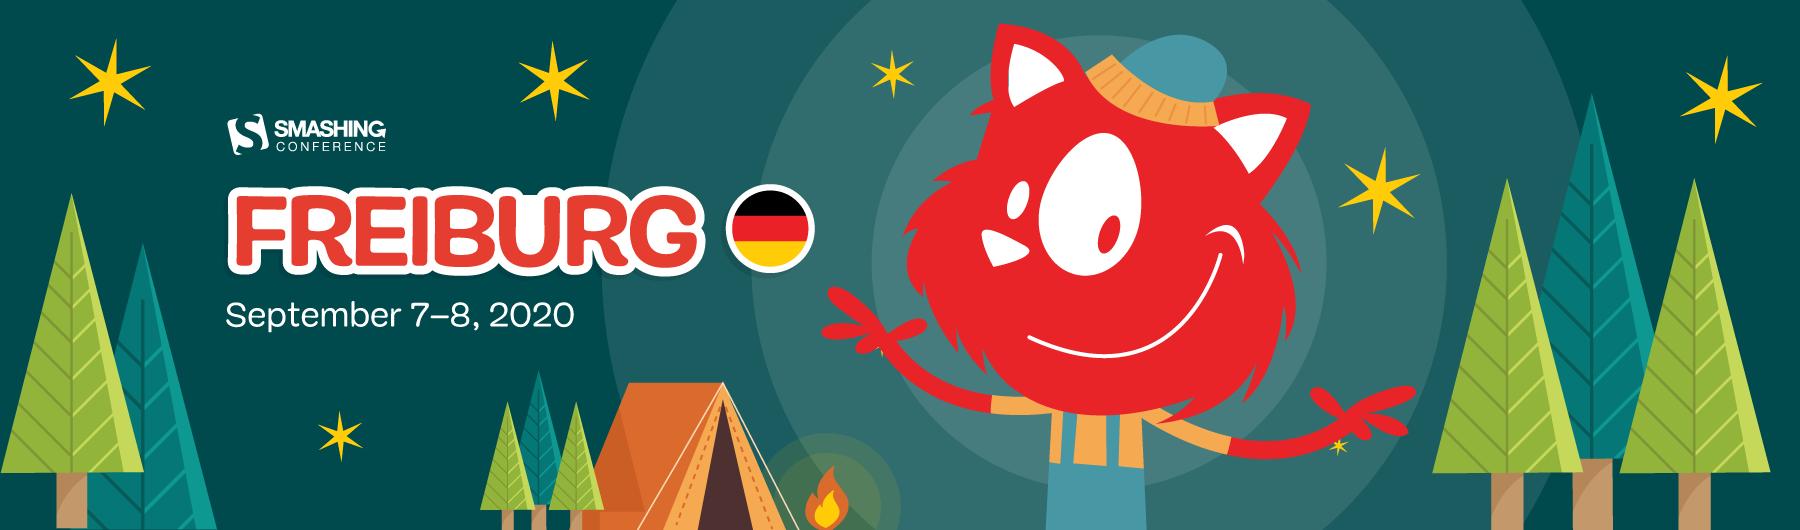 SmashingConf Freiburg 2020